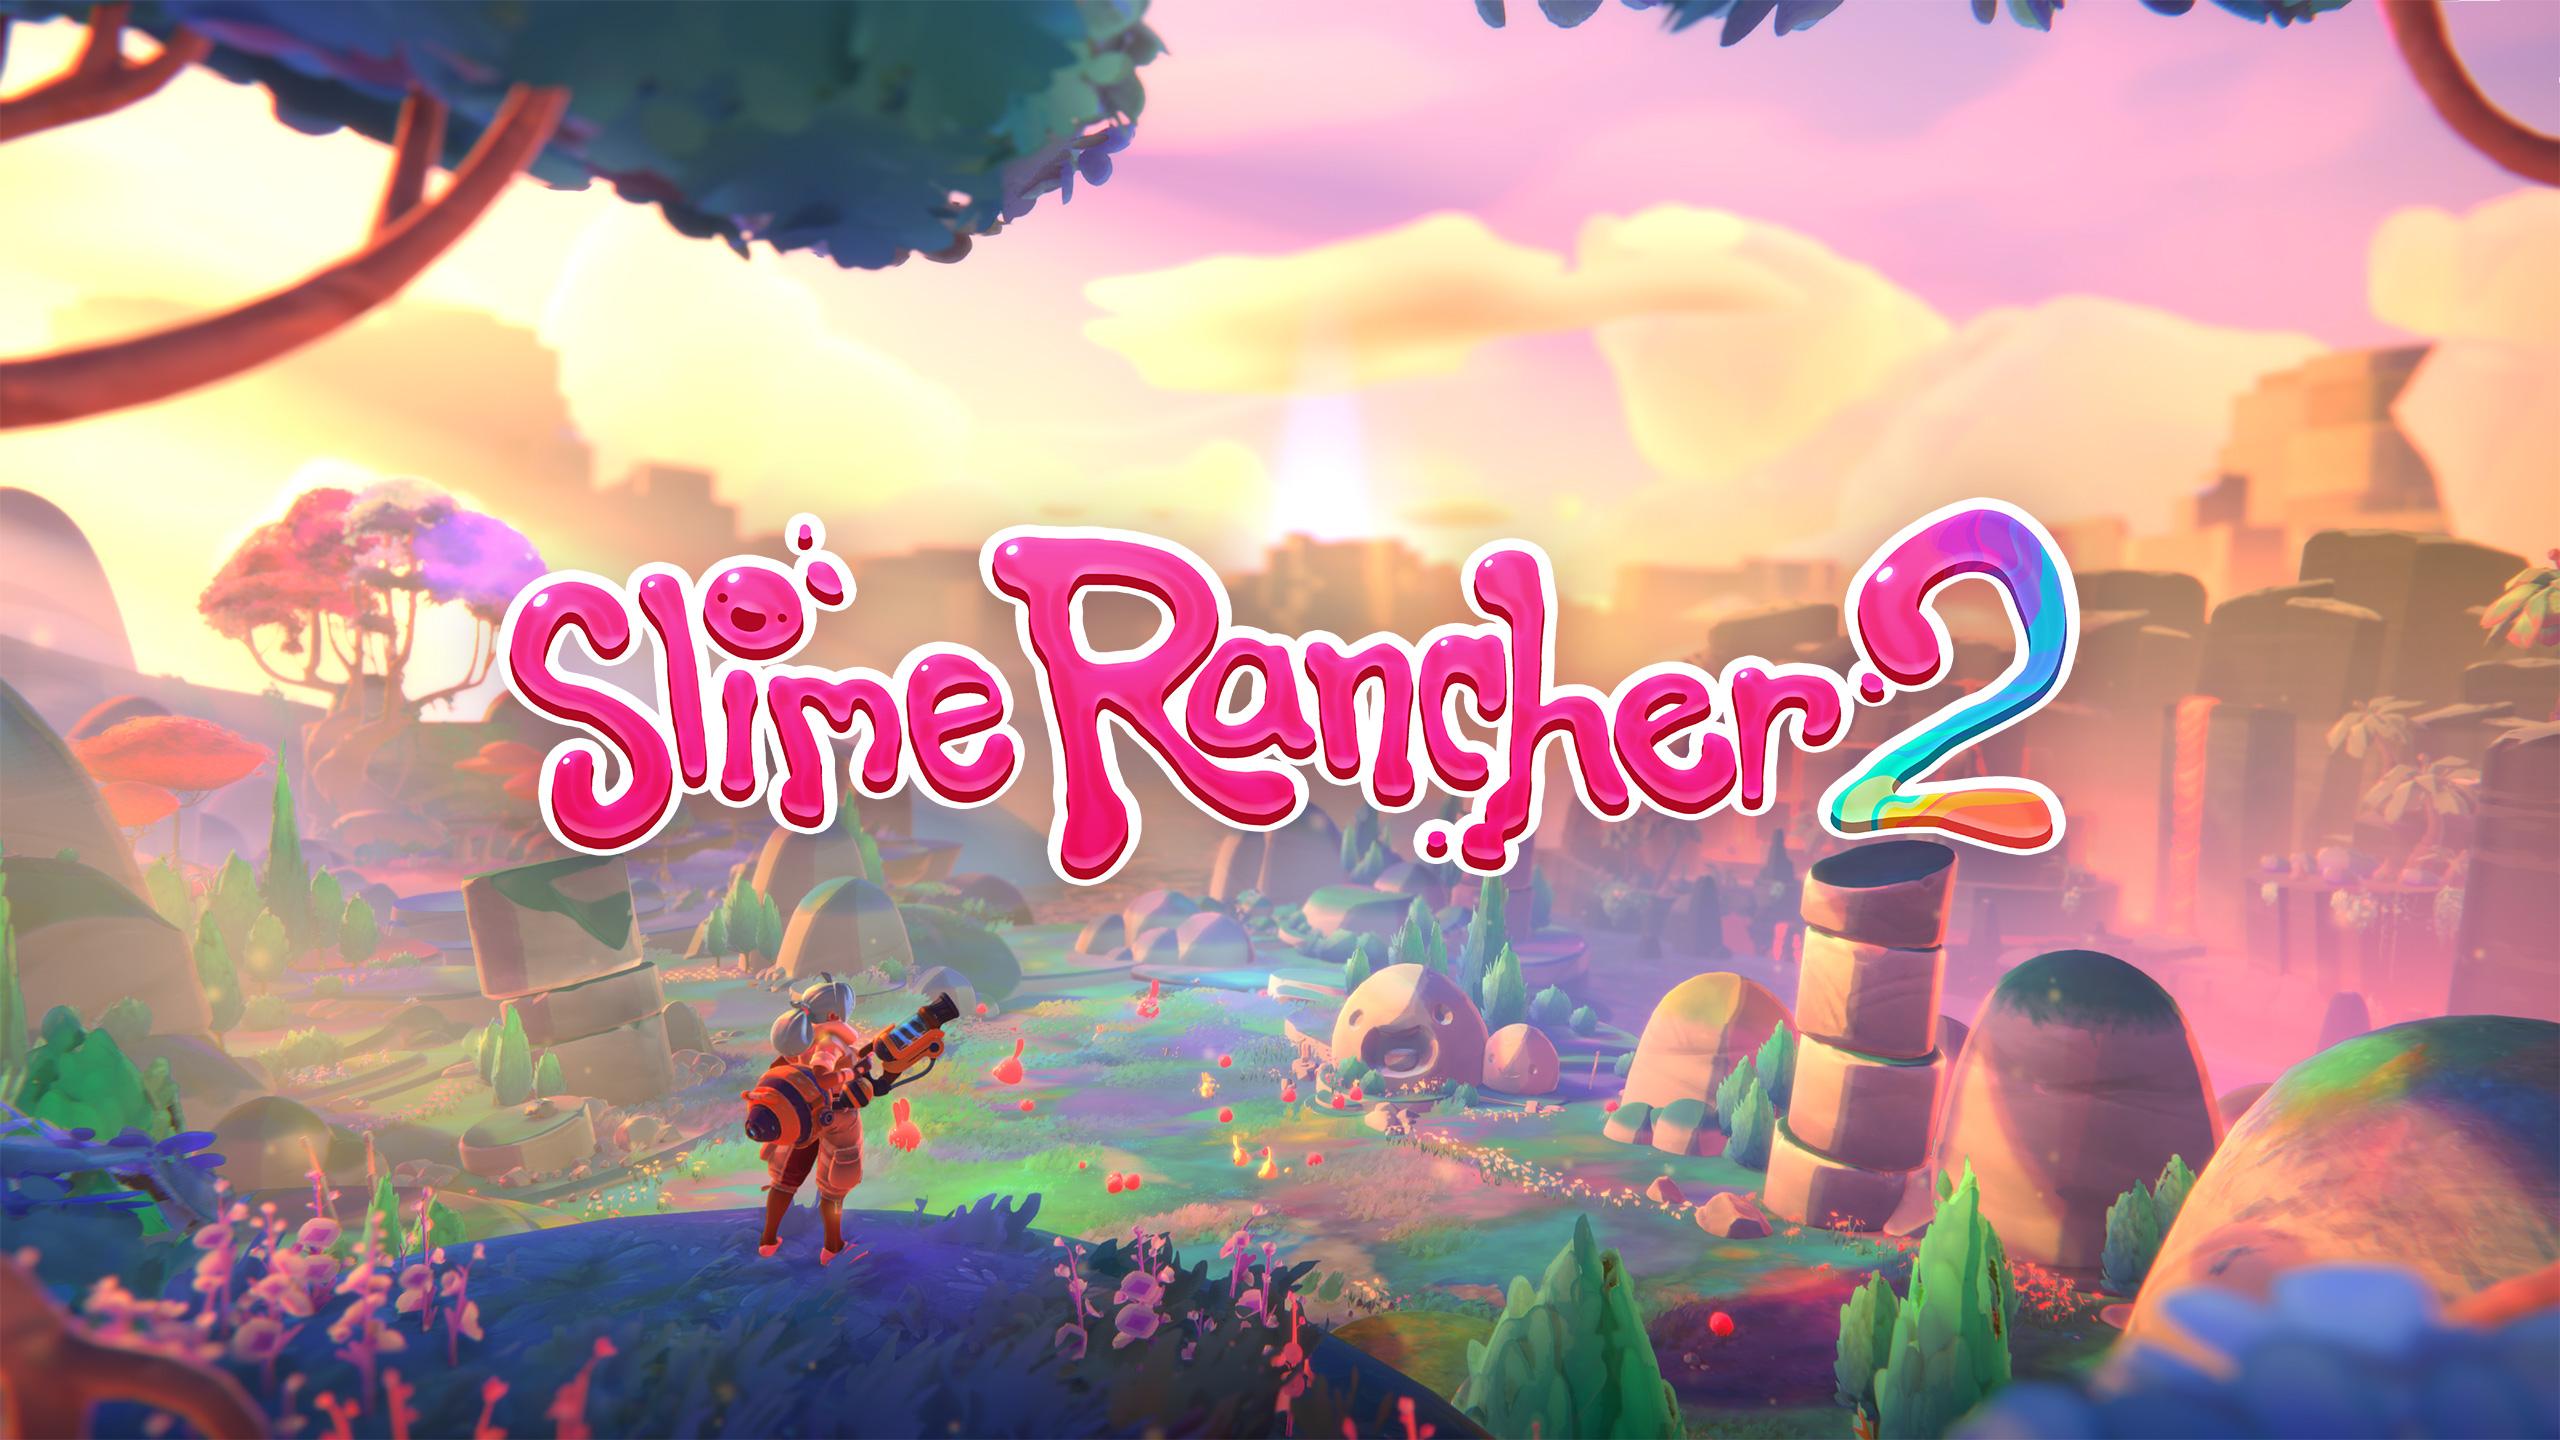 Slime Rancher 2 เกมเลี้ยงสไลม์เด้งดึ๋ง ประกาศตัวในงาน Xbox Games Showcase